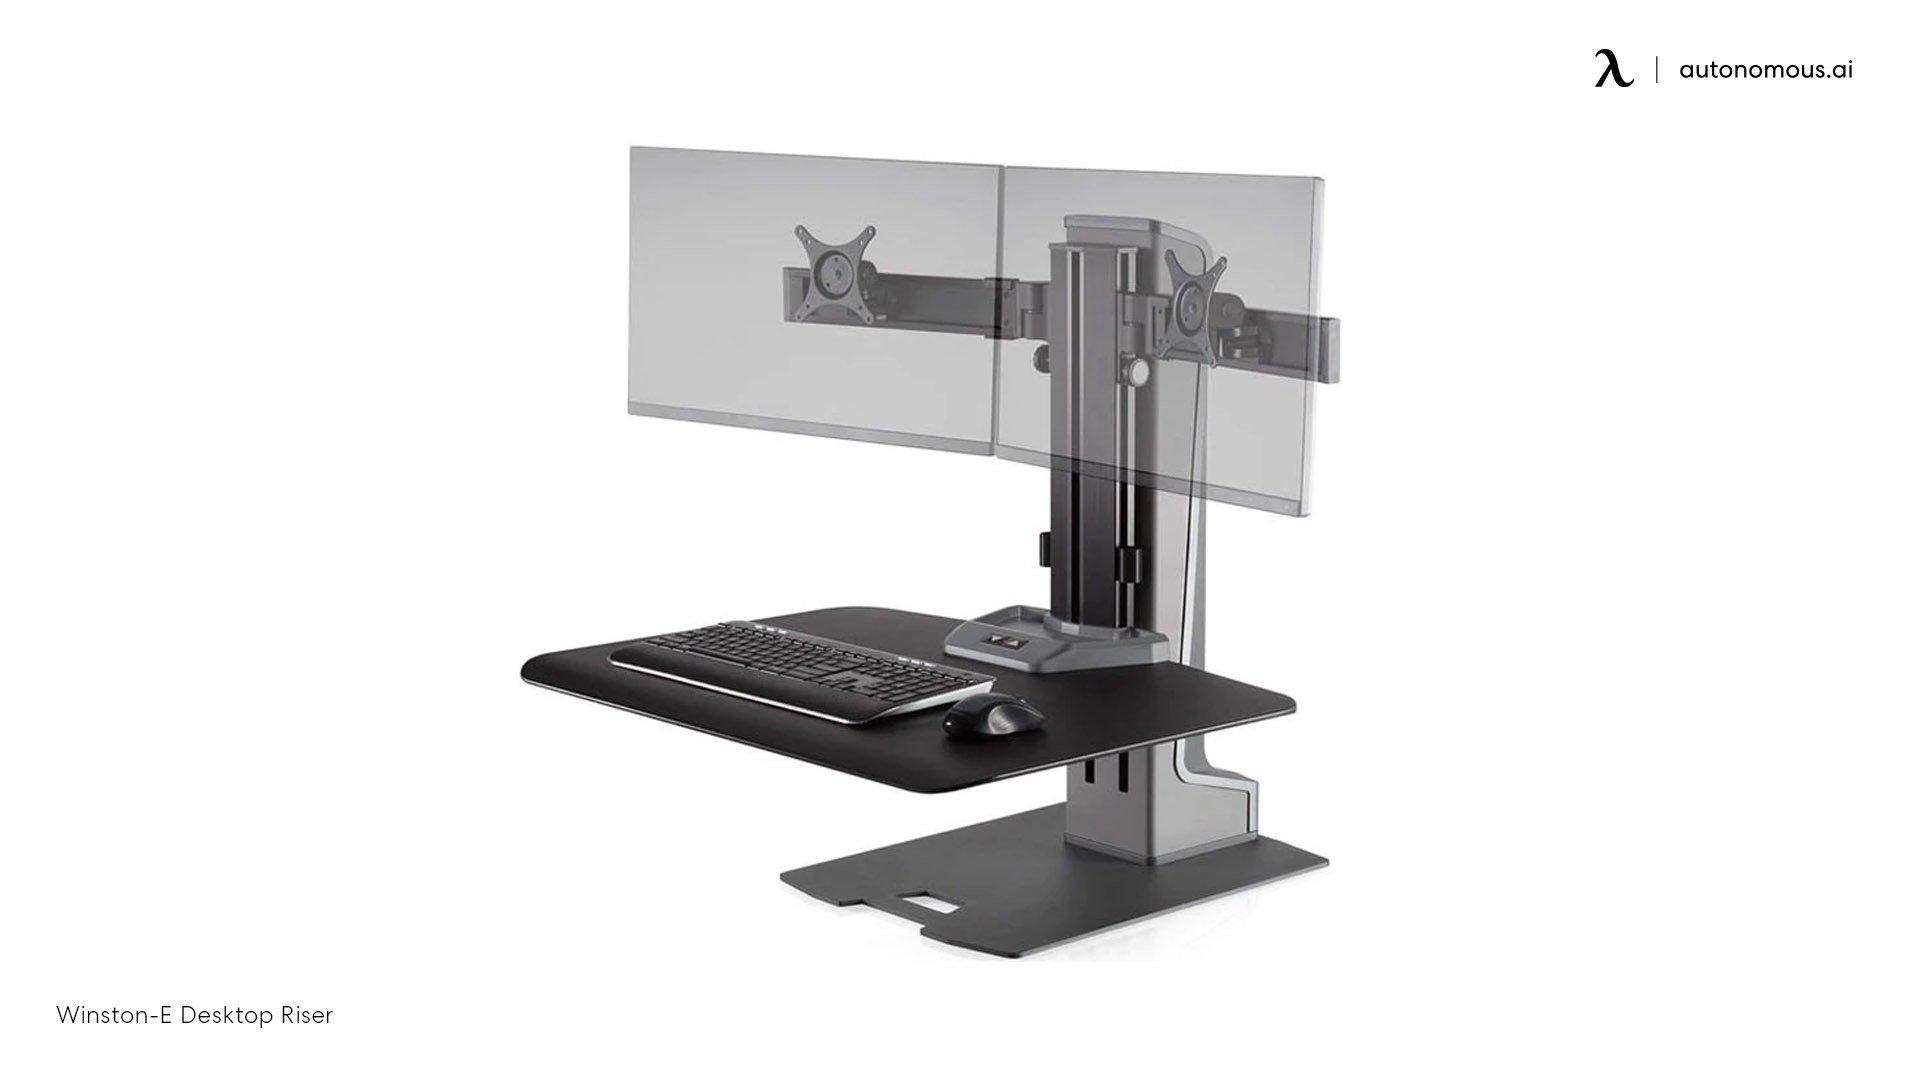 Winston Desktop Riser